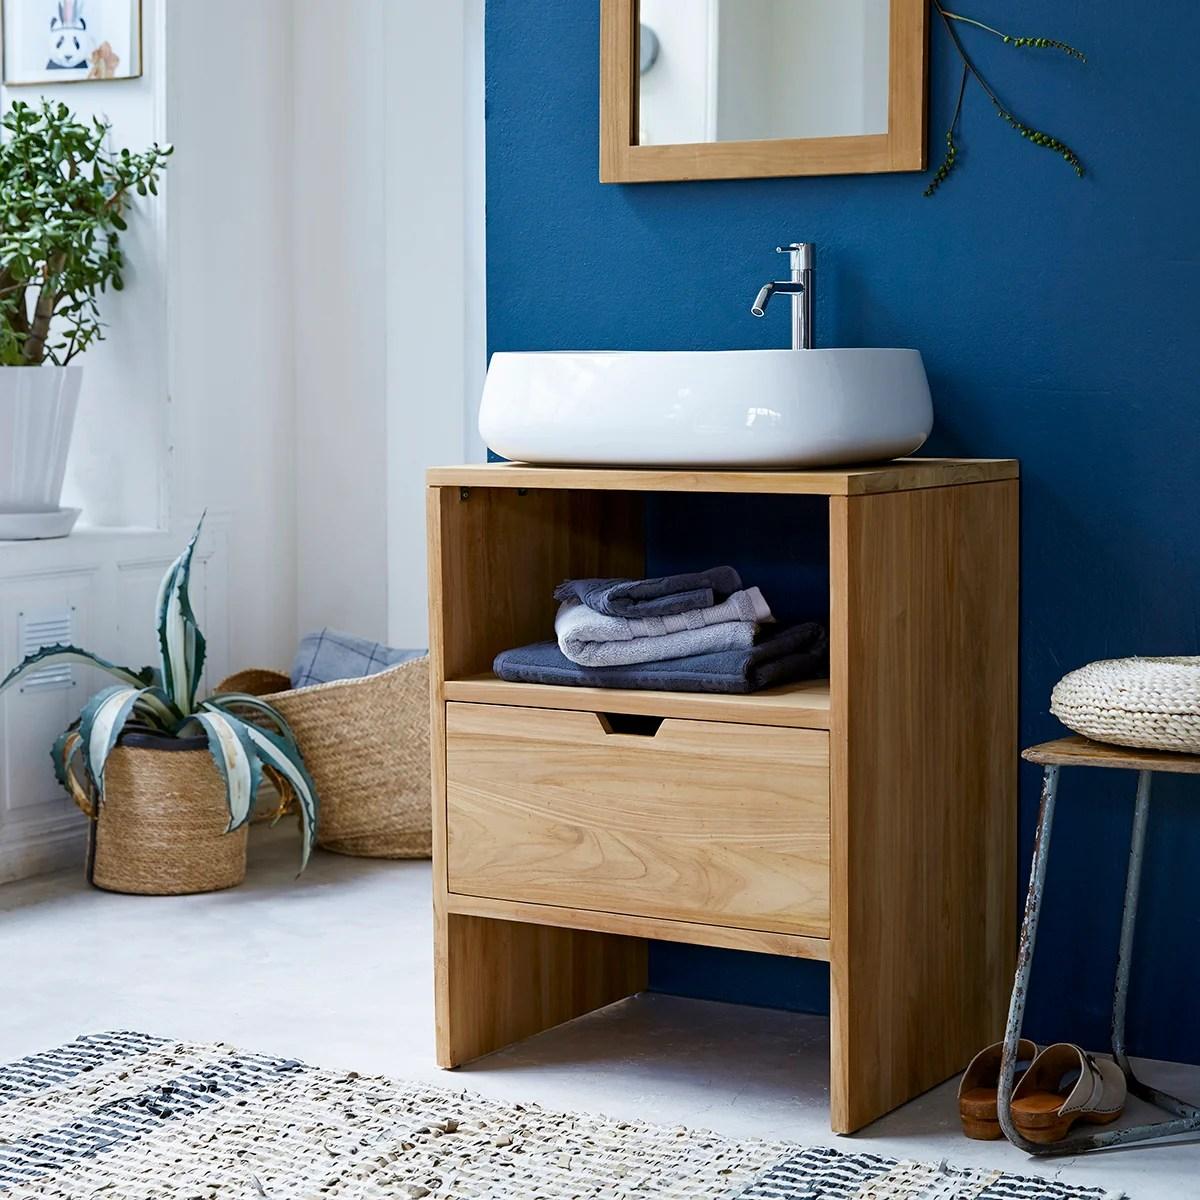 meuble de salle de bains kwarto leroy merlin